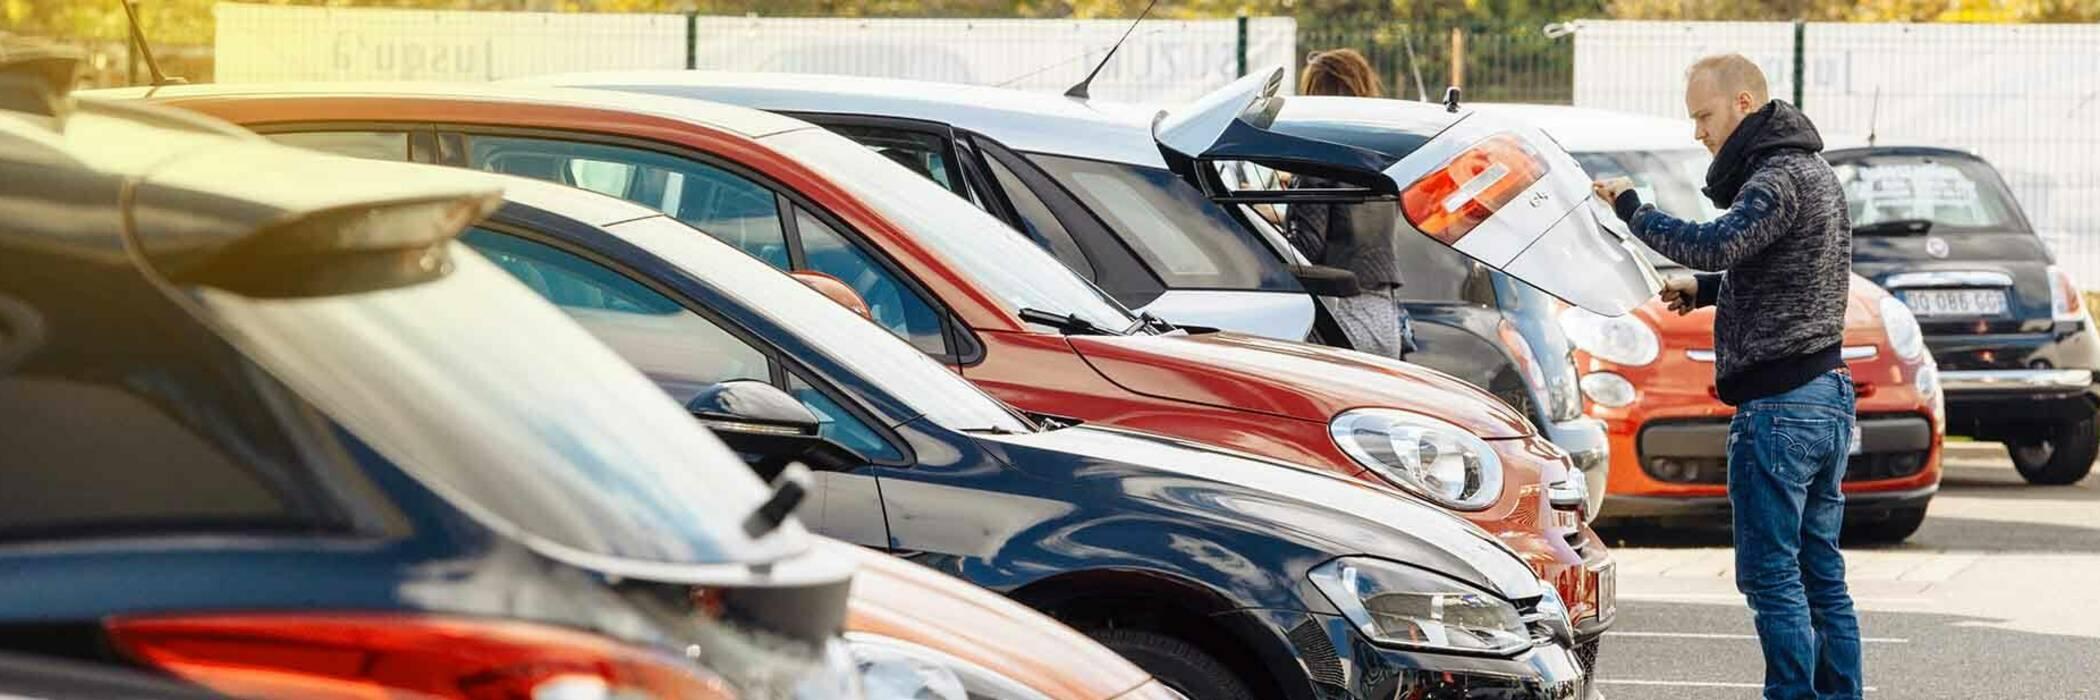 Man looking at cars at dealership.